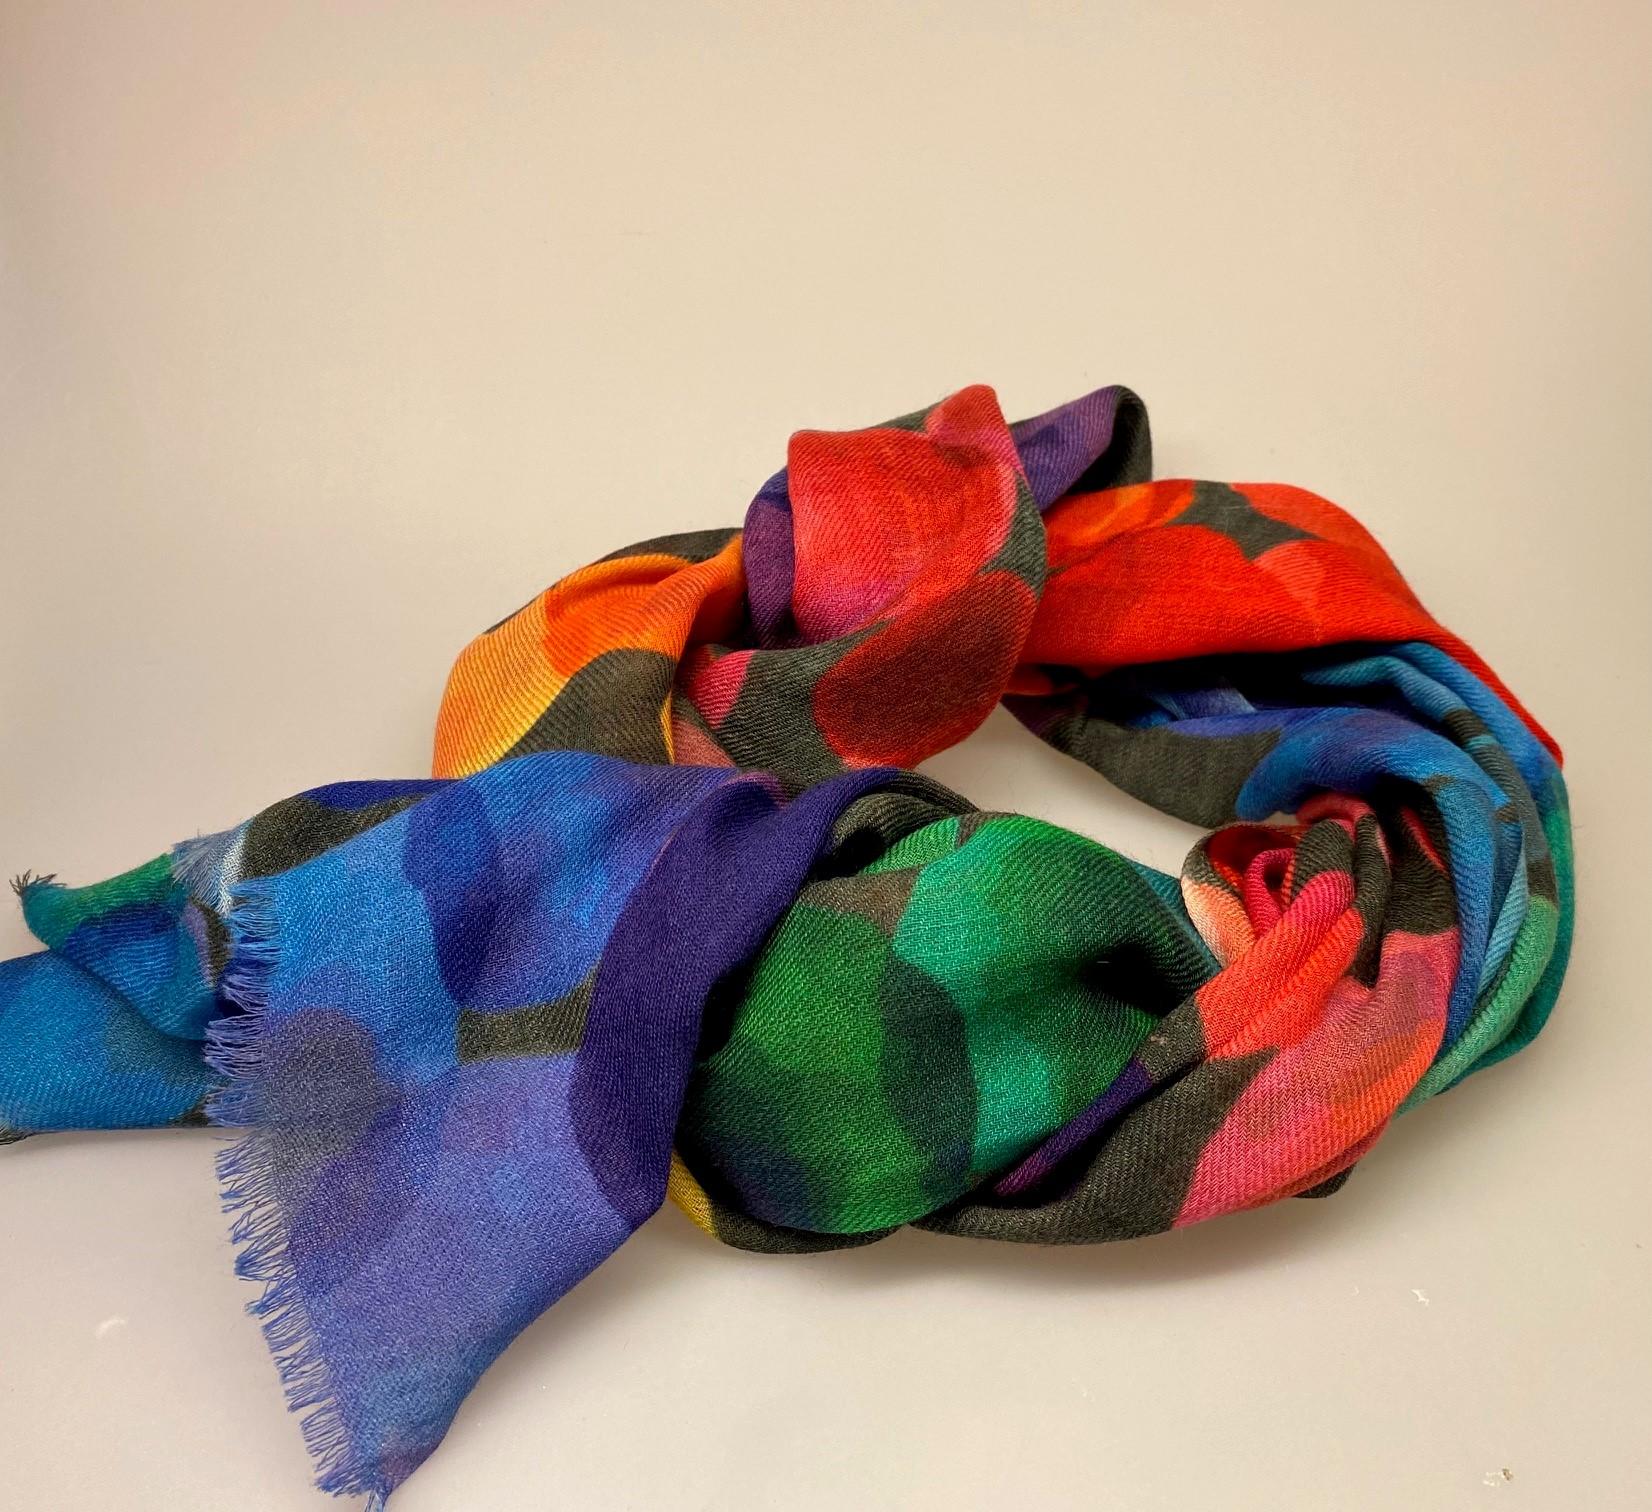 Tørklæde Let Vævet uld - Salto Tribeca, Tørklæde Let Vævet uld, kulørt, silke, uld, merinould, silke-uld, uld-silke, koloreret, regnbue, regnbuefarver, kulørt, farver, farverigt, lækkert, luksus, kradser ikke, farveglad, glade, kulører, friske, farver, stort, varmt, lunt, stola, over skuldrene, halstørklæde, tørklæde, gaveide, gaver, elegant, ekstravagant, fødselsdag, damer, lady, ladylike, chic, biti, ribe